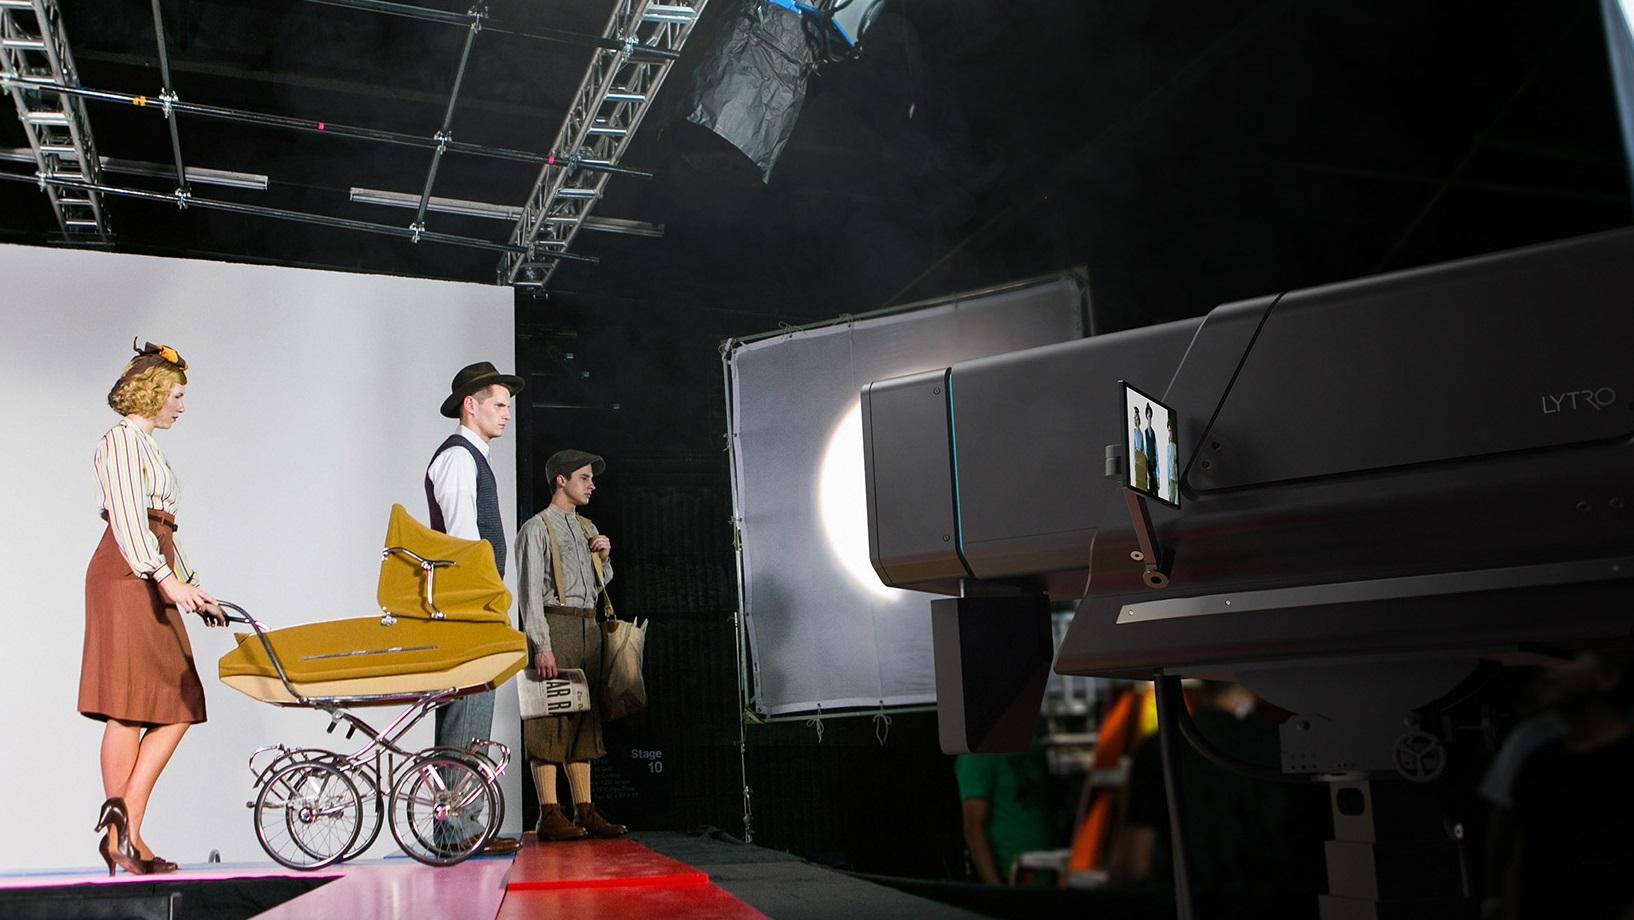 lytro cinema (2)